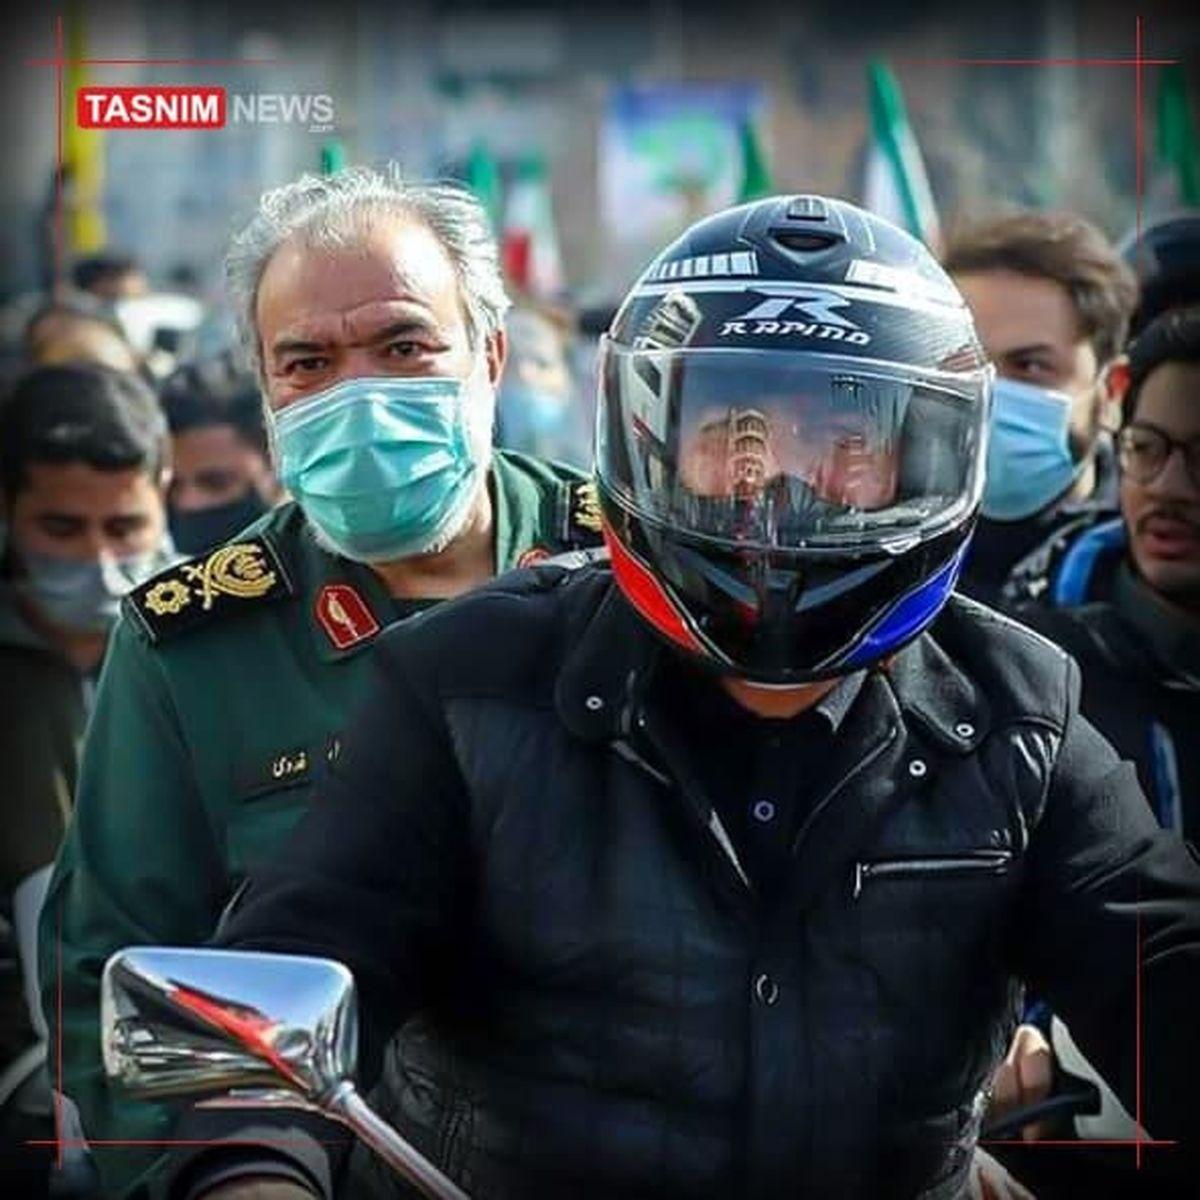 عکس: سردار فدوی در راهپیمایی موتوری ۲۲ بهمن تهران